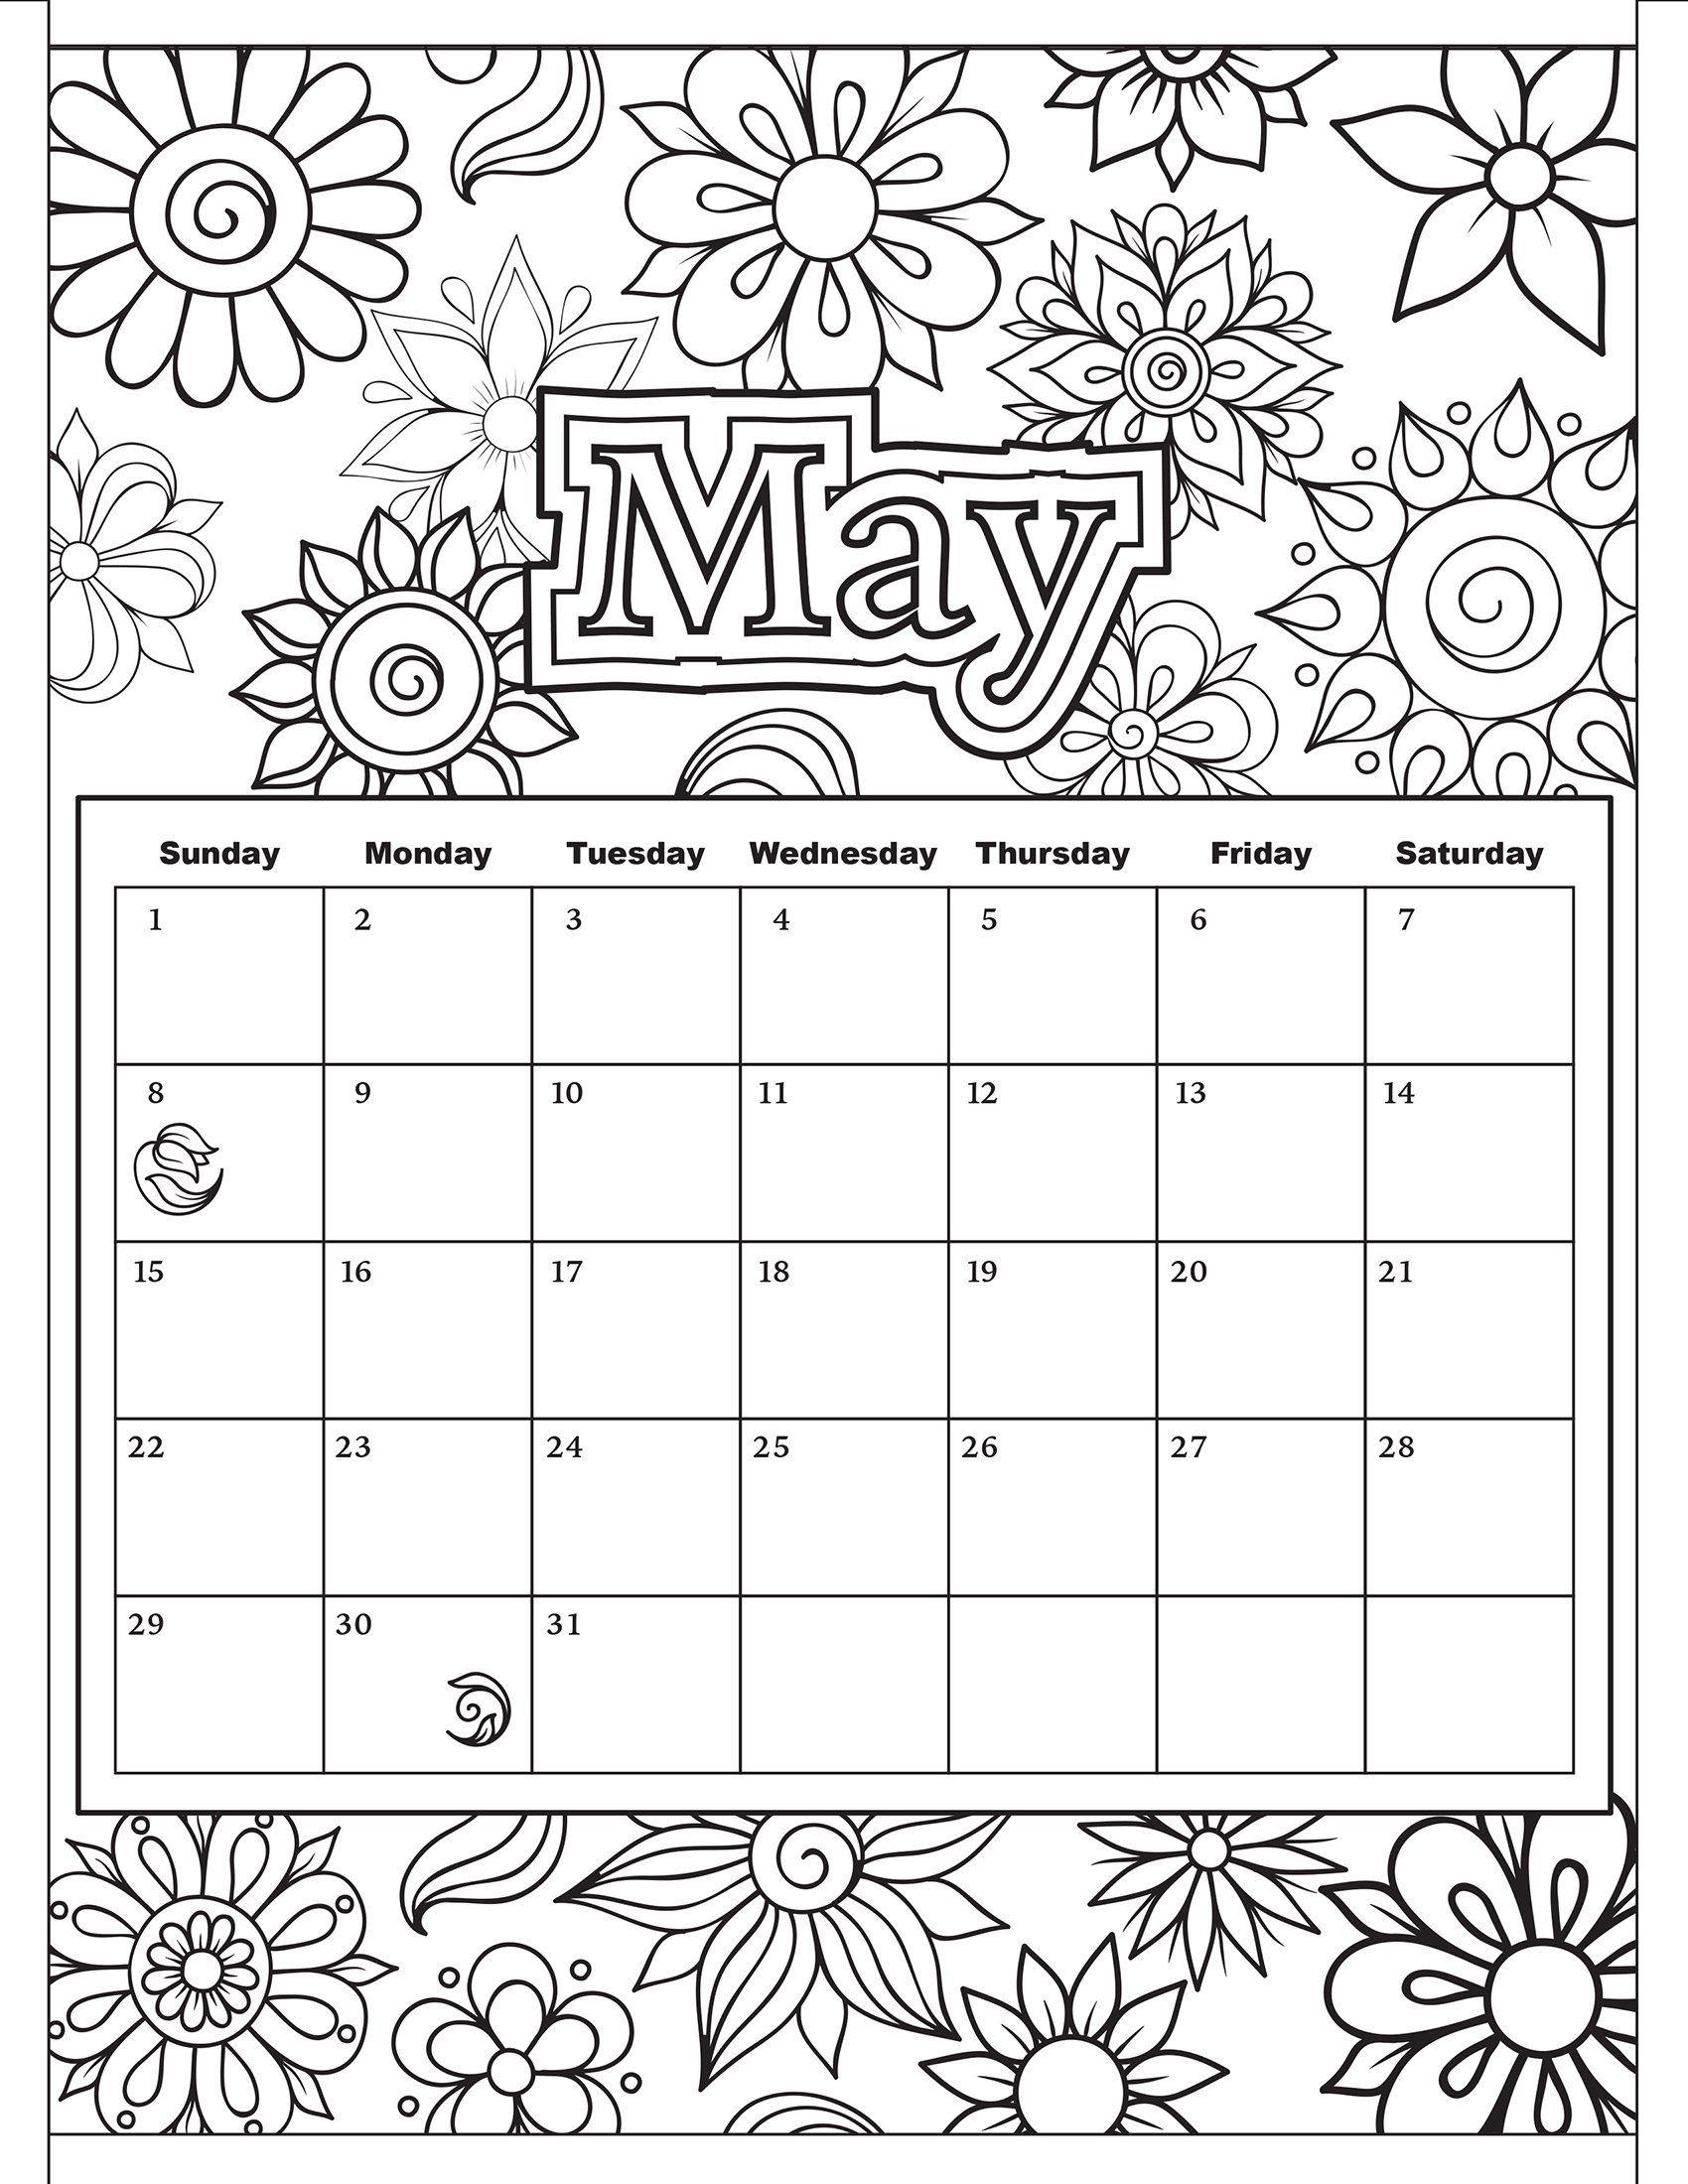 Printable Calendar Sheets - 2yamaha.com | 2200x1700